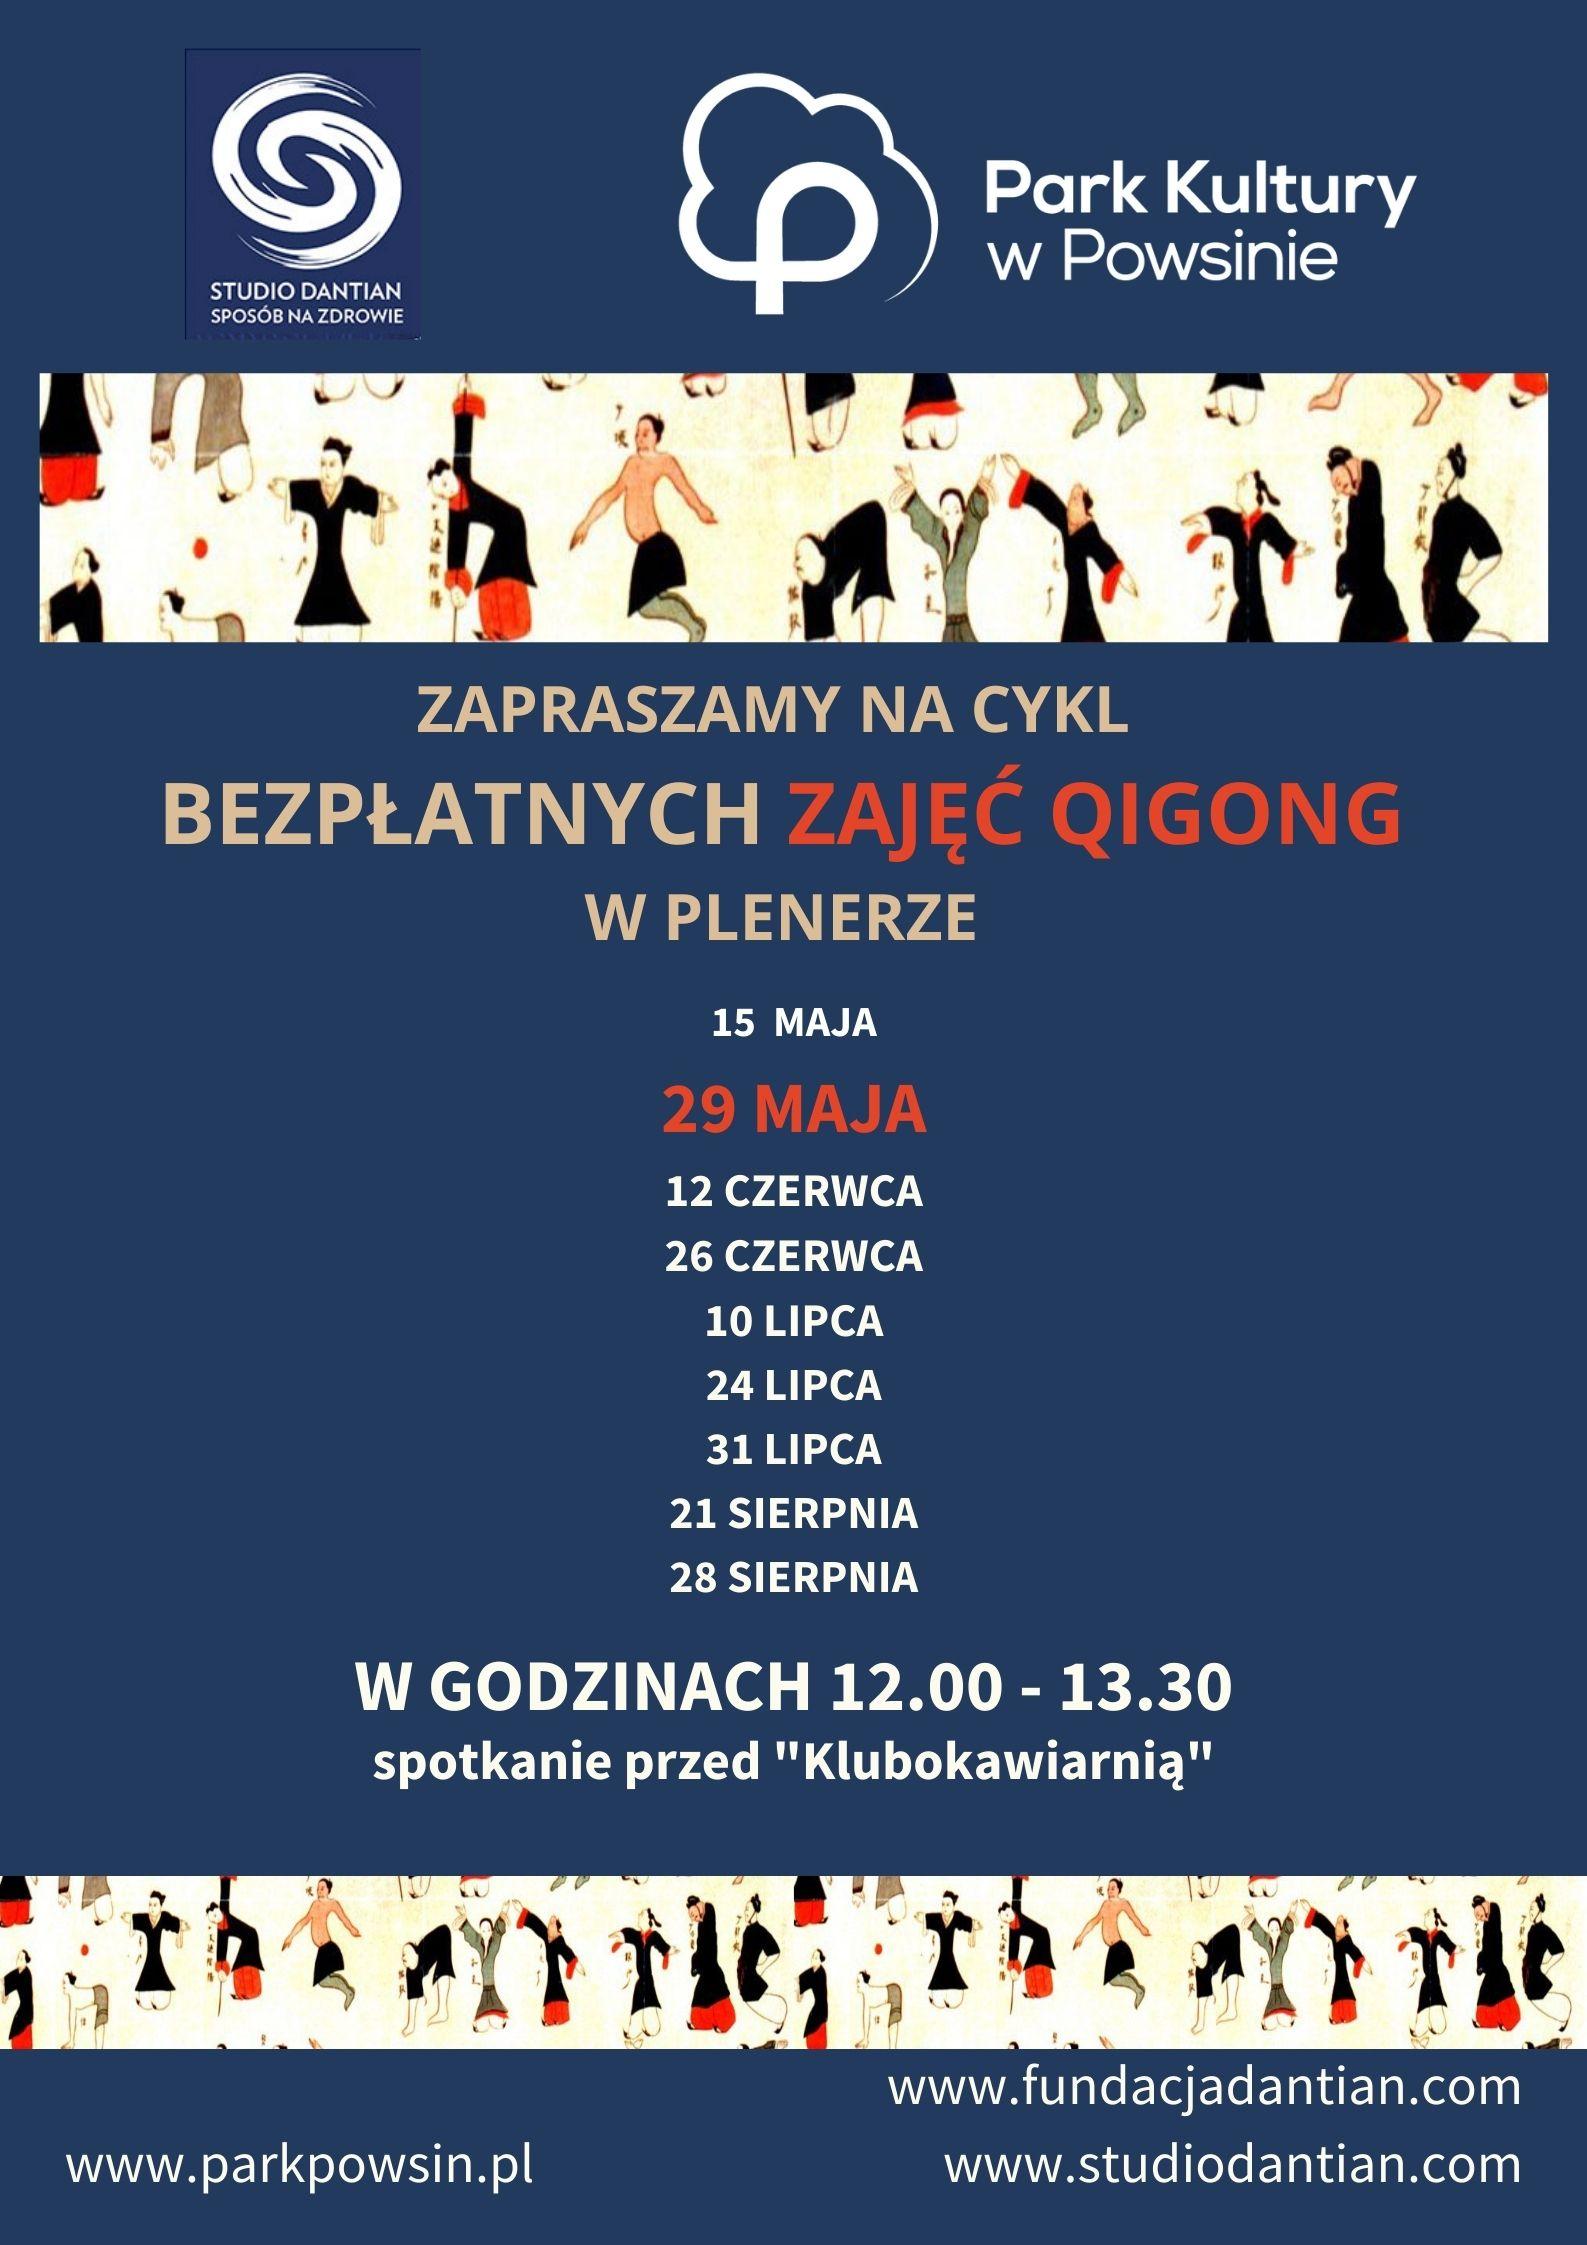 plakat informujący o zajęciach qigong 29 maja na terenie parku kultury w powsinie